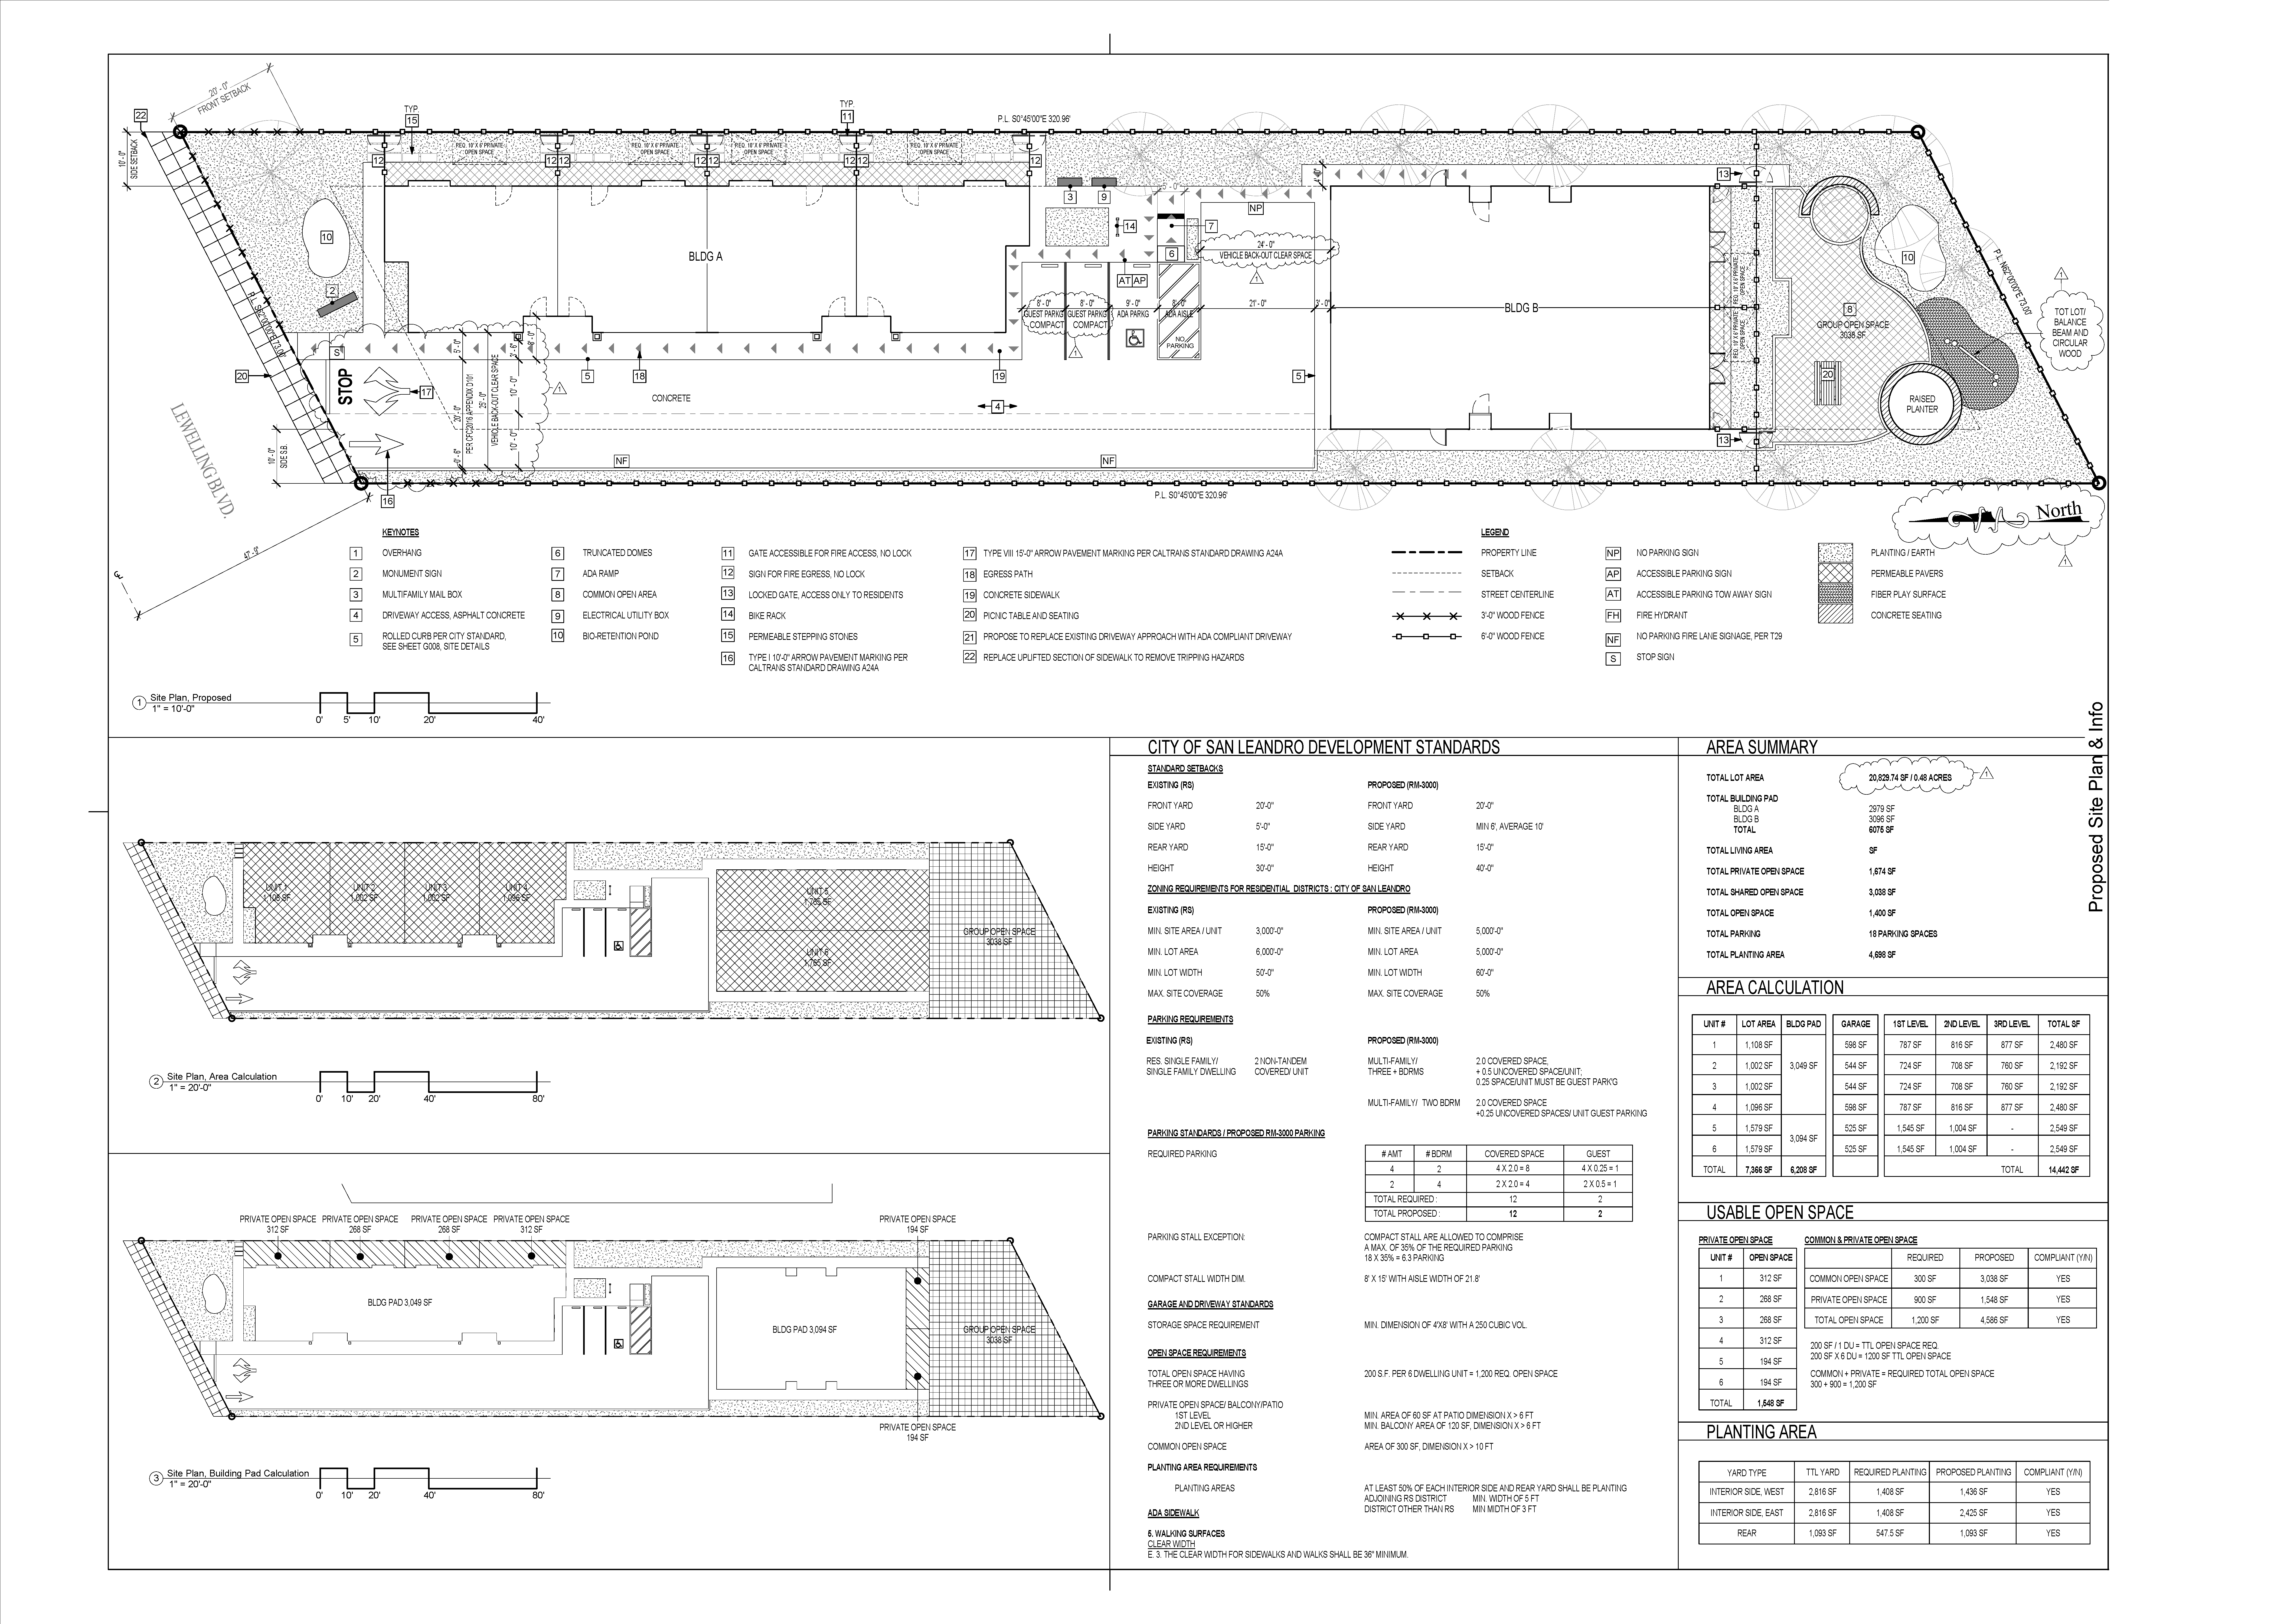 Lewelling- Site Plan